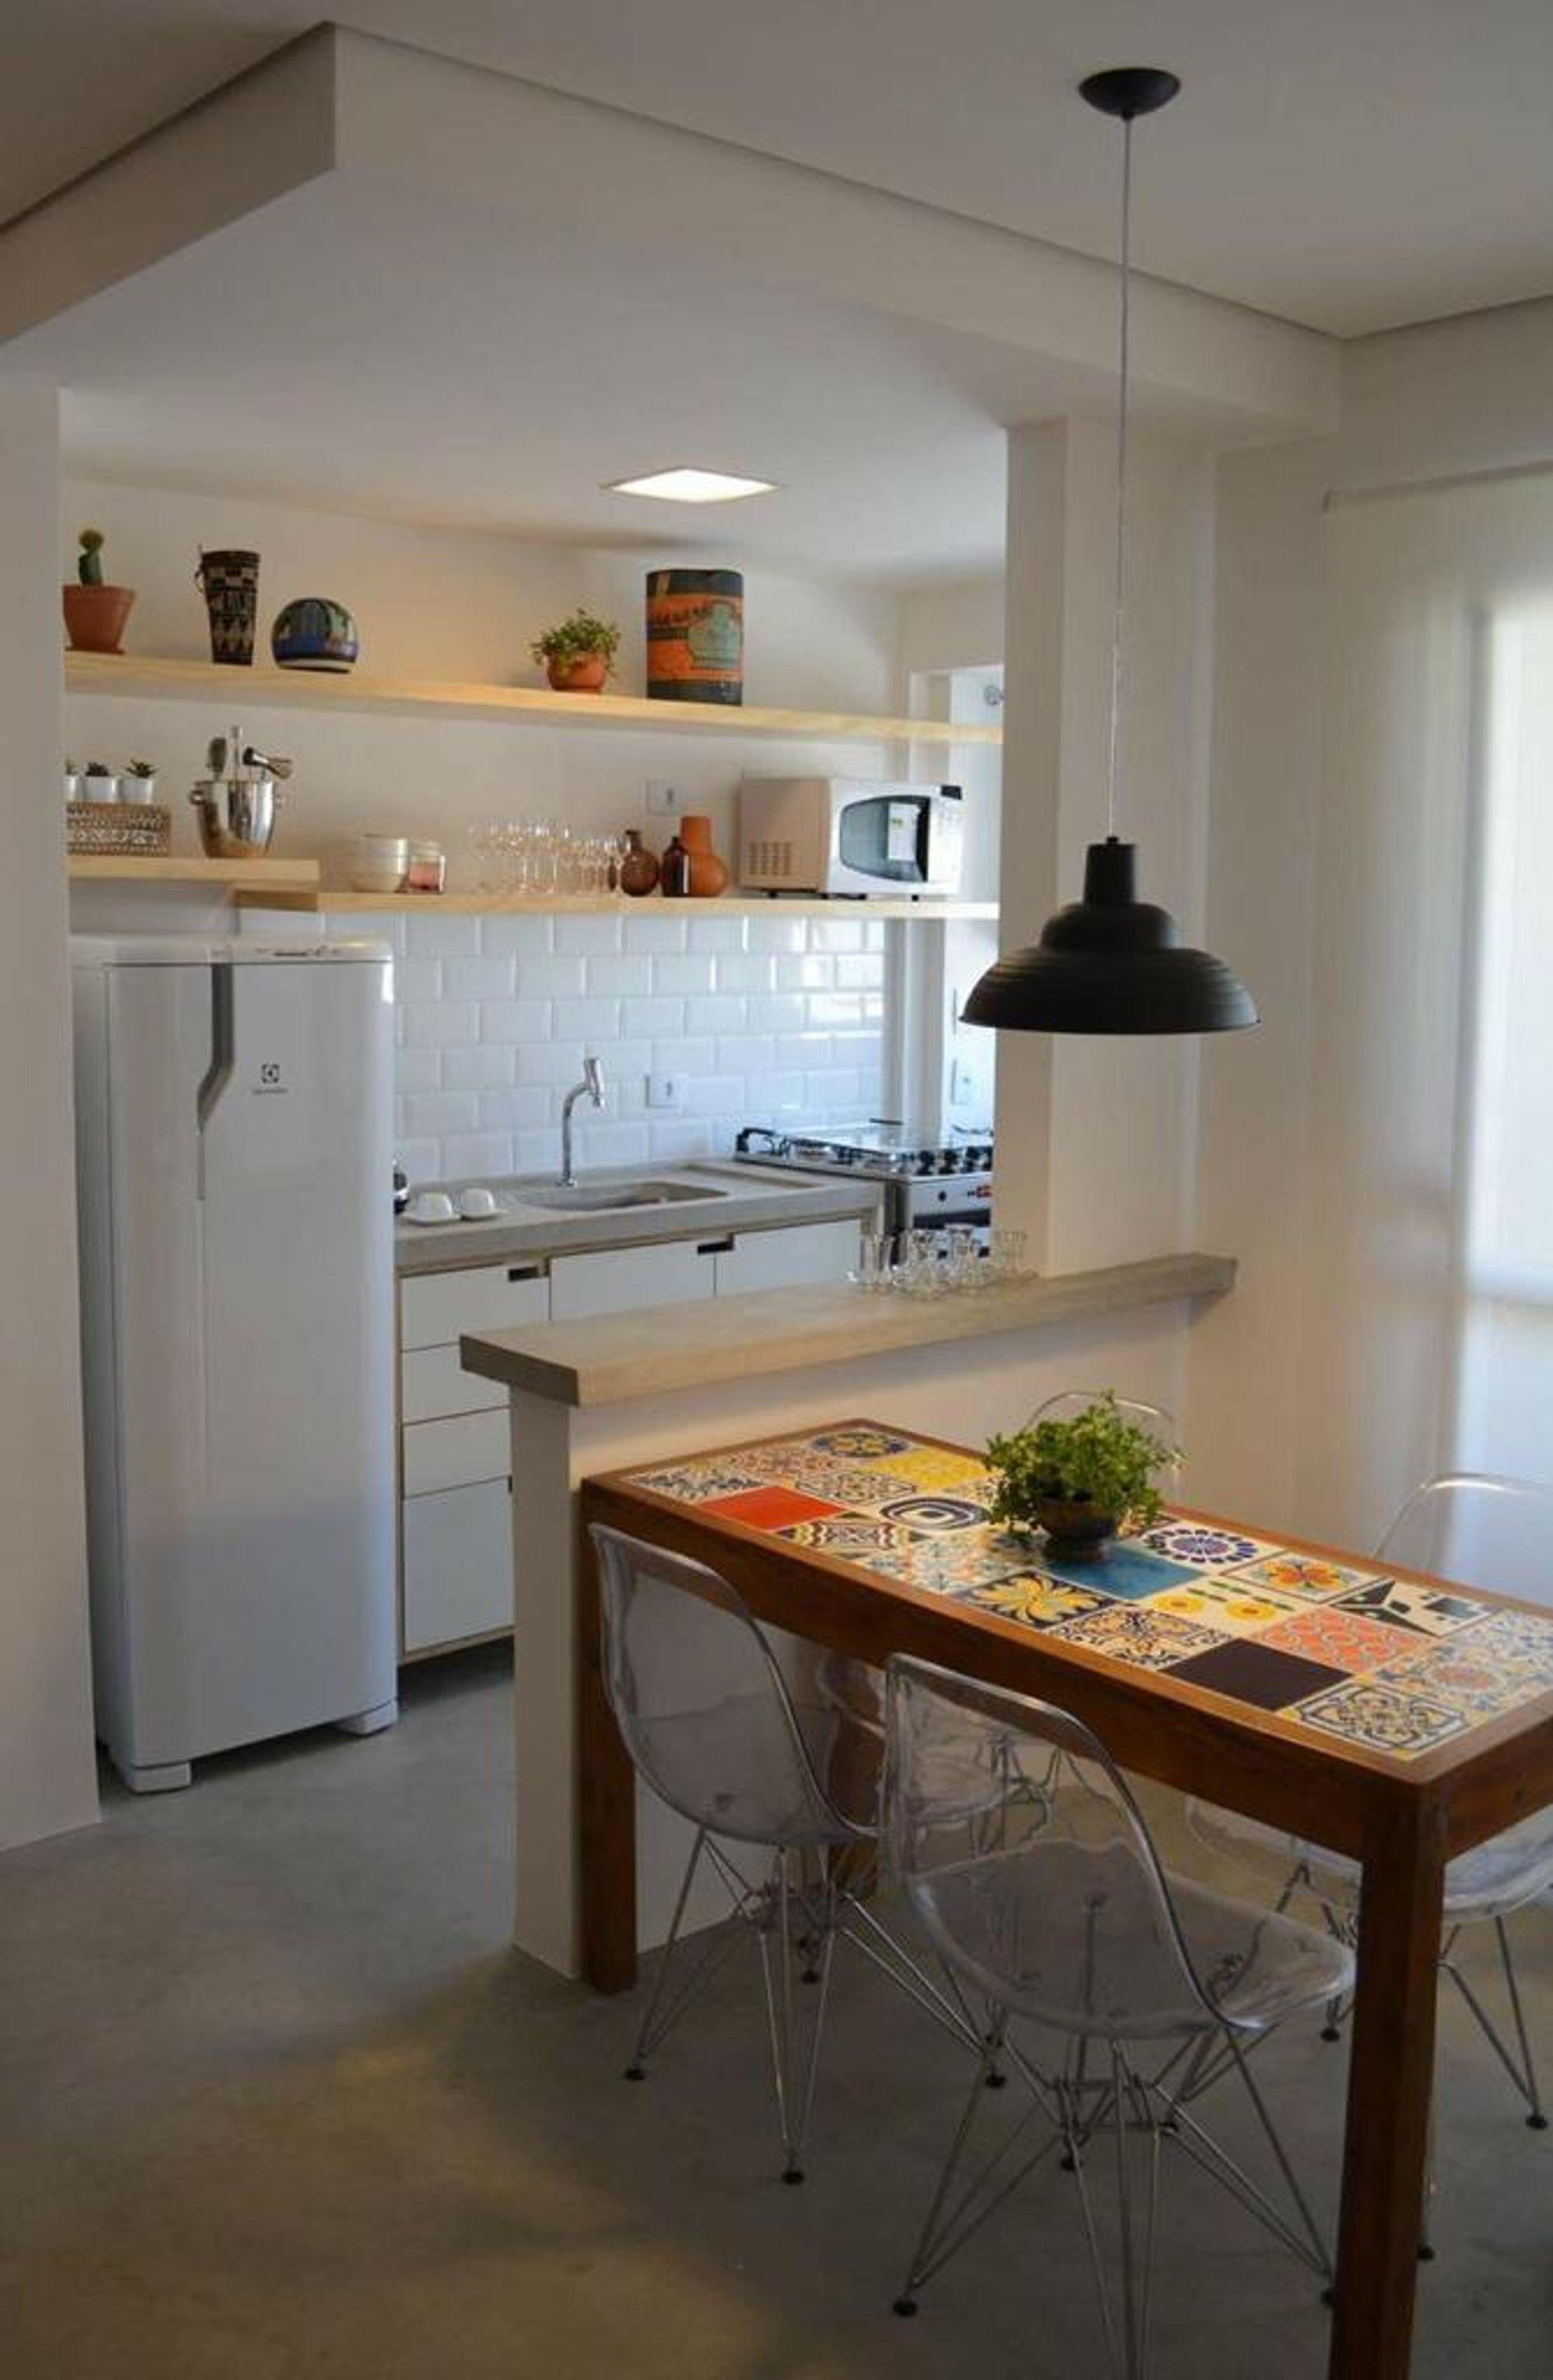 Foto de Cozinha com vaso de planta, copo de vinho, geladeira, cadeira, mesa de jantar, xícara